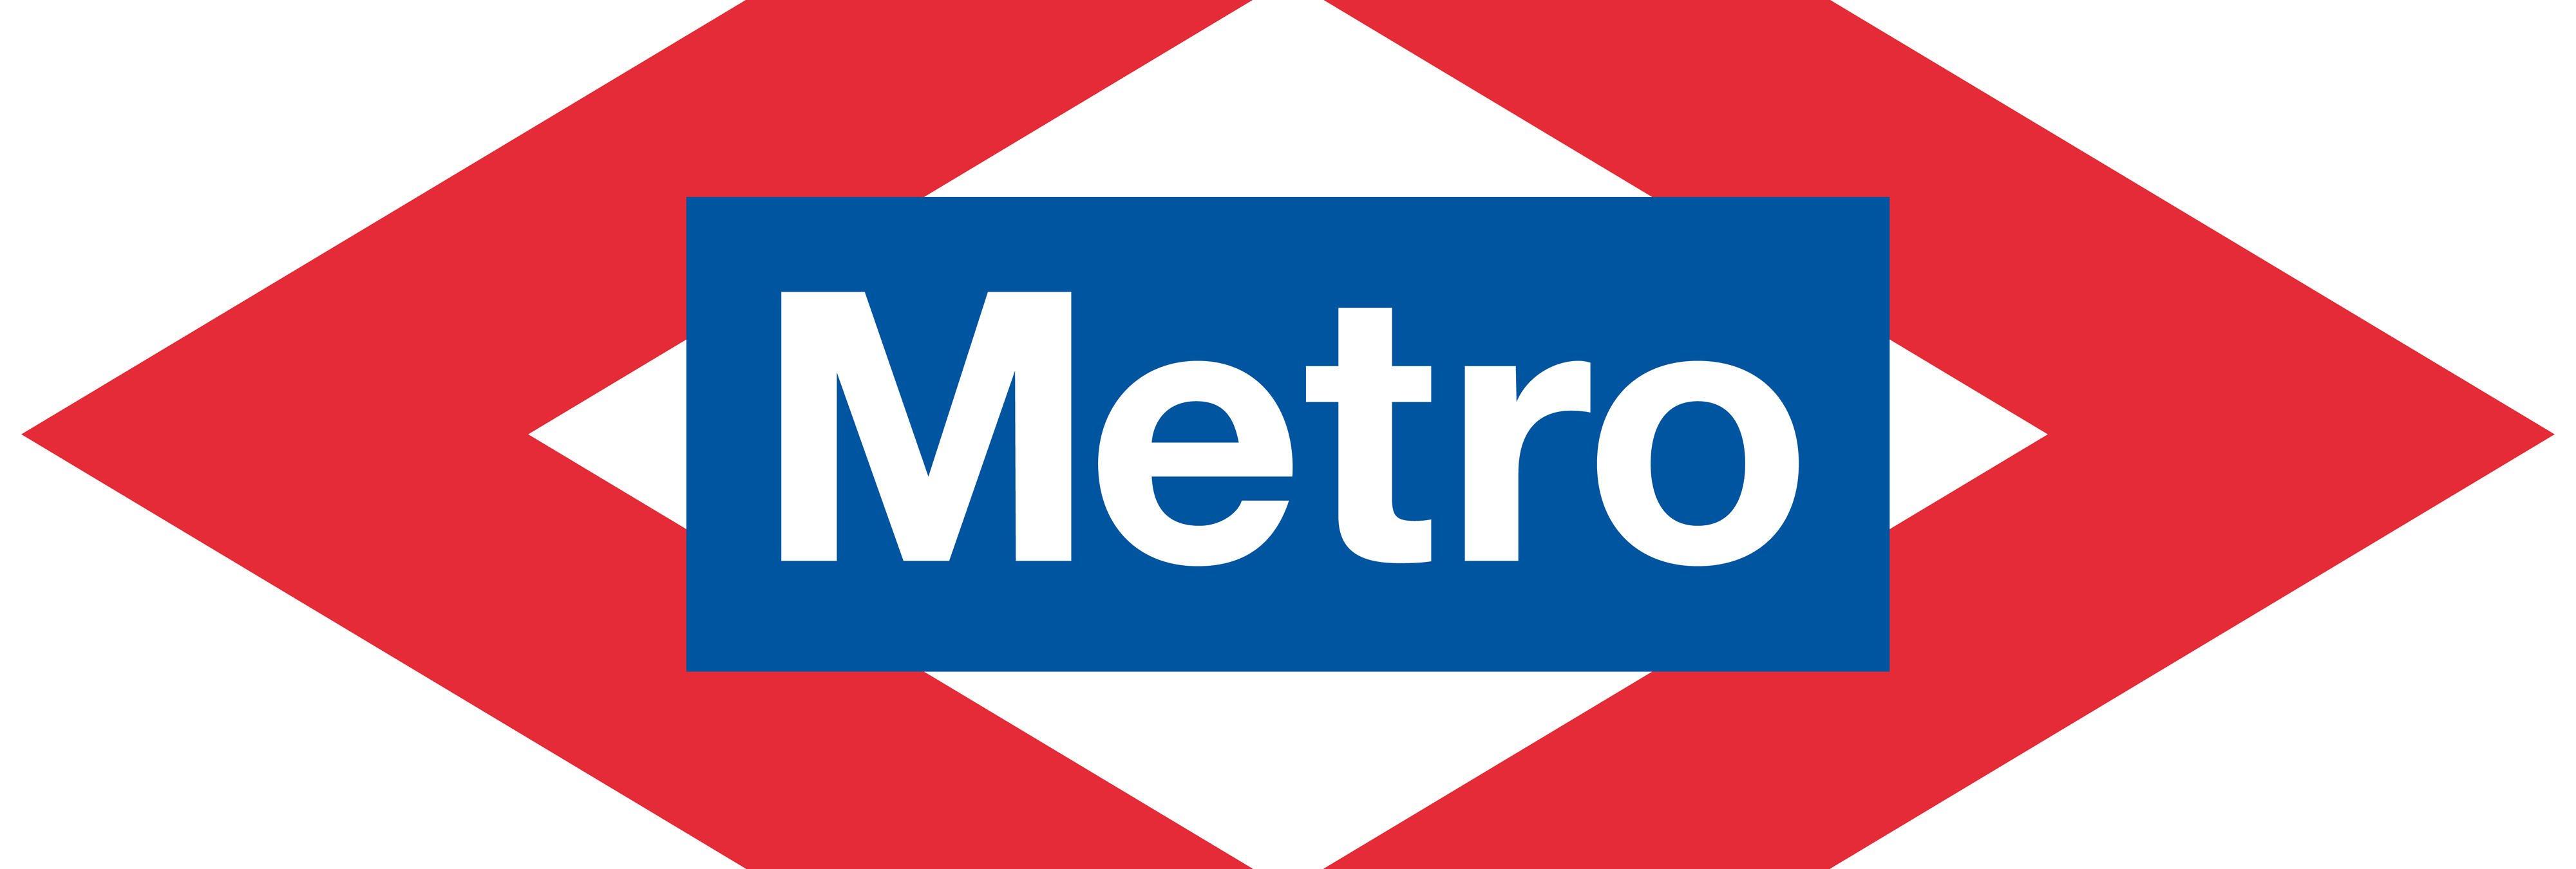 Evolución del logotipo del Metro de Madrid